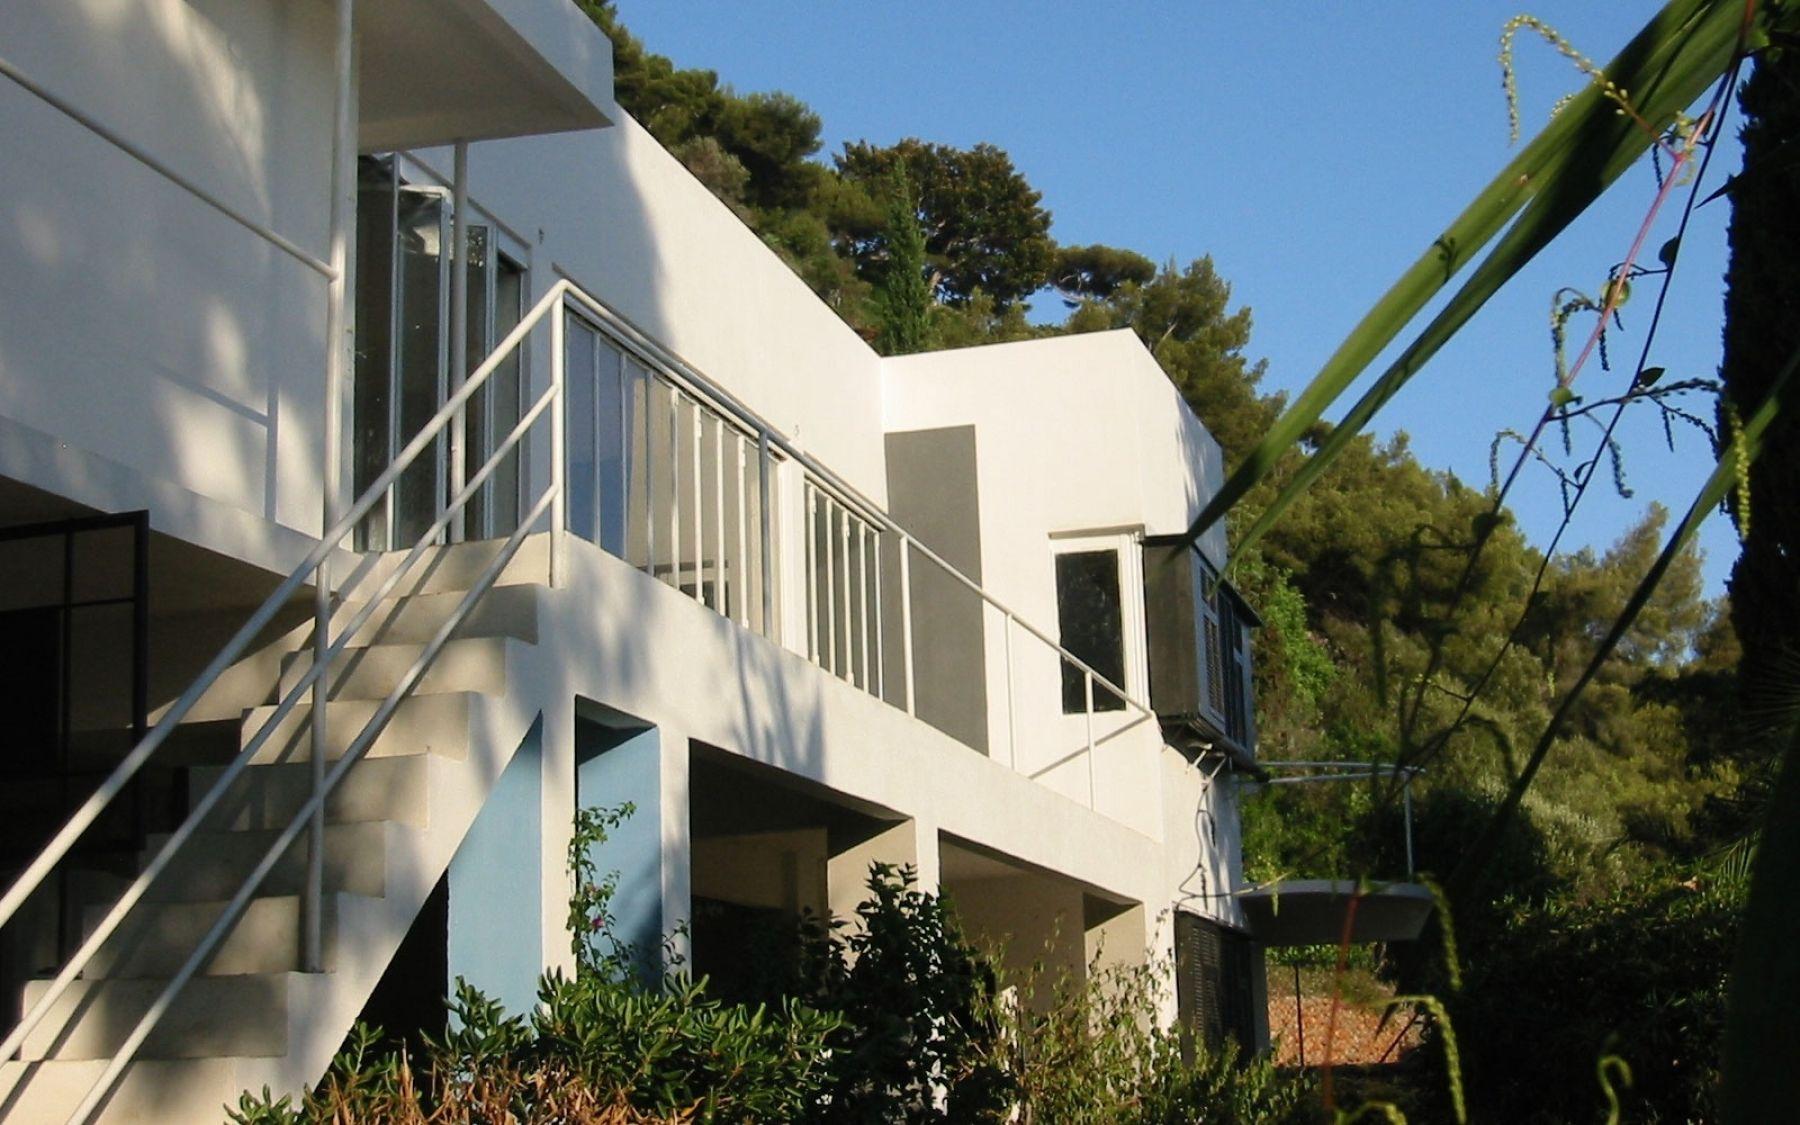 Resultado de imagem para la villa e-1027  5 Villas de Rêve en France à Découvrir 4f0f2e94820107cb774451ef265cb7d5